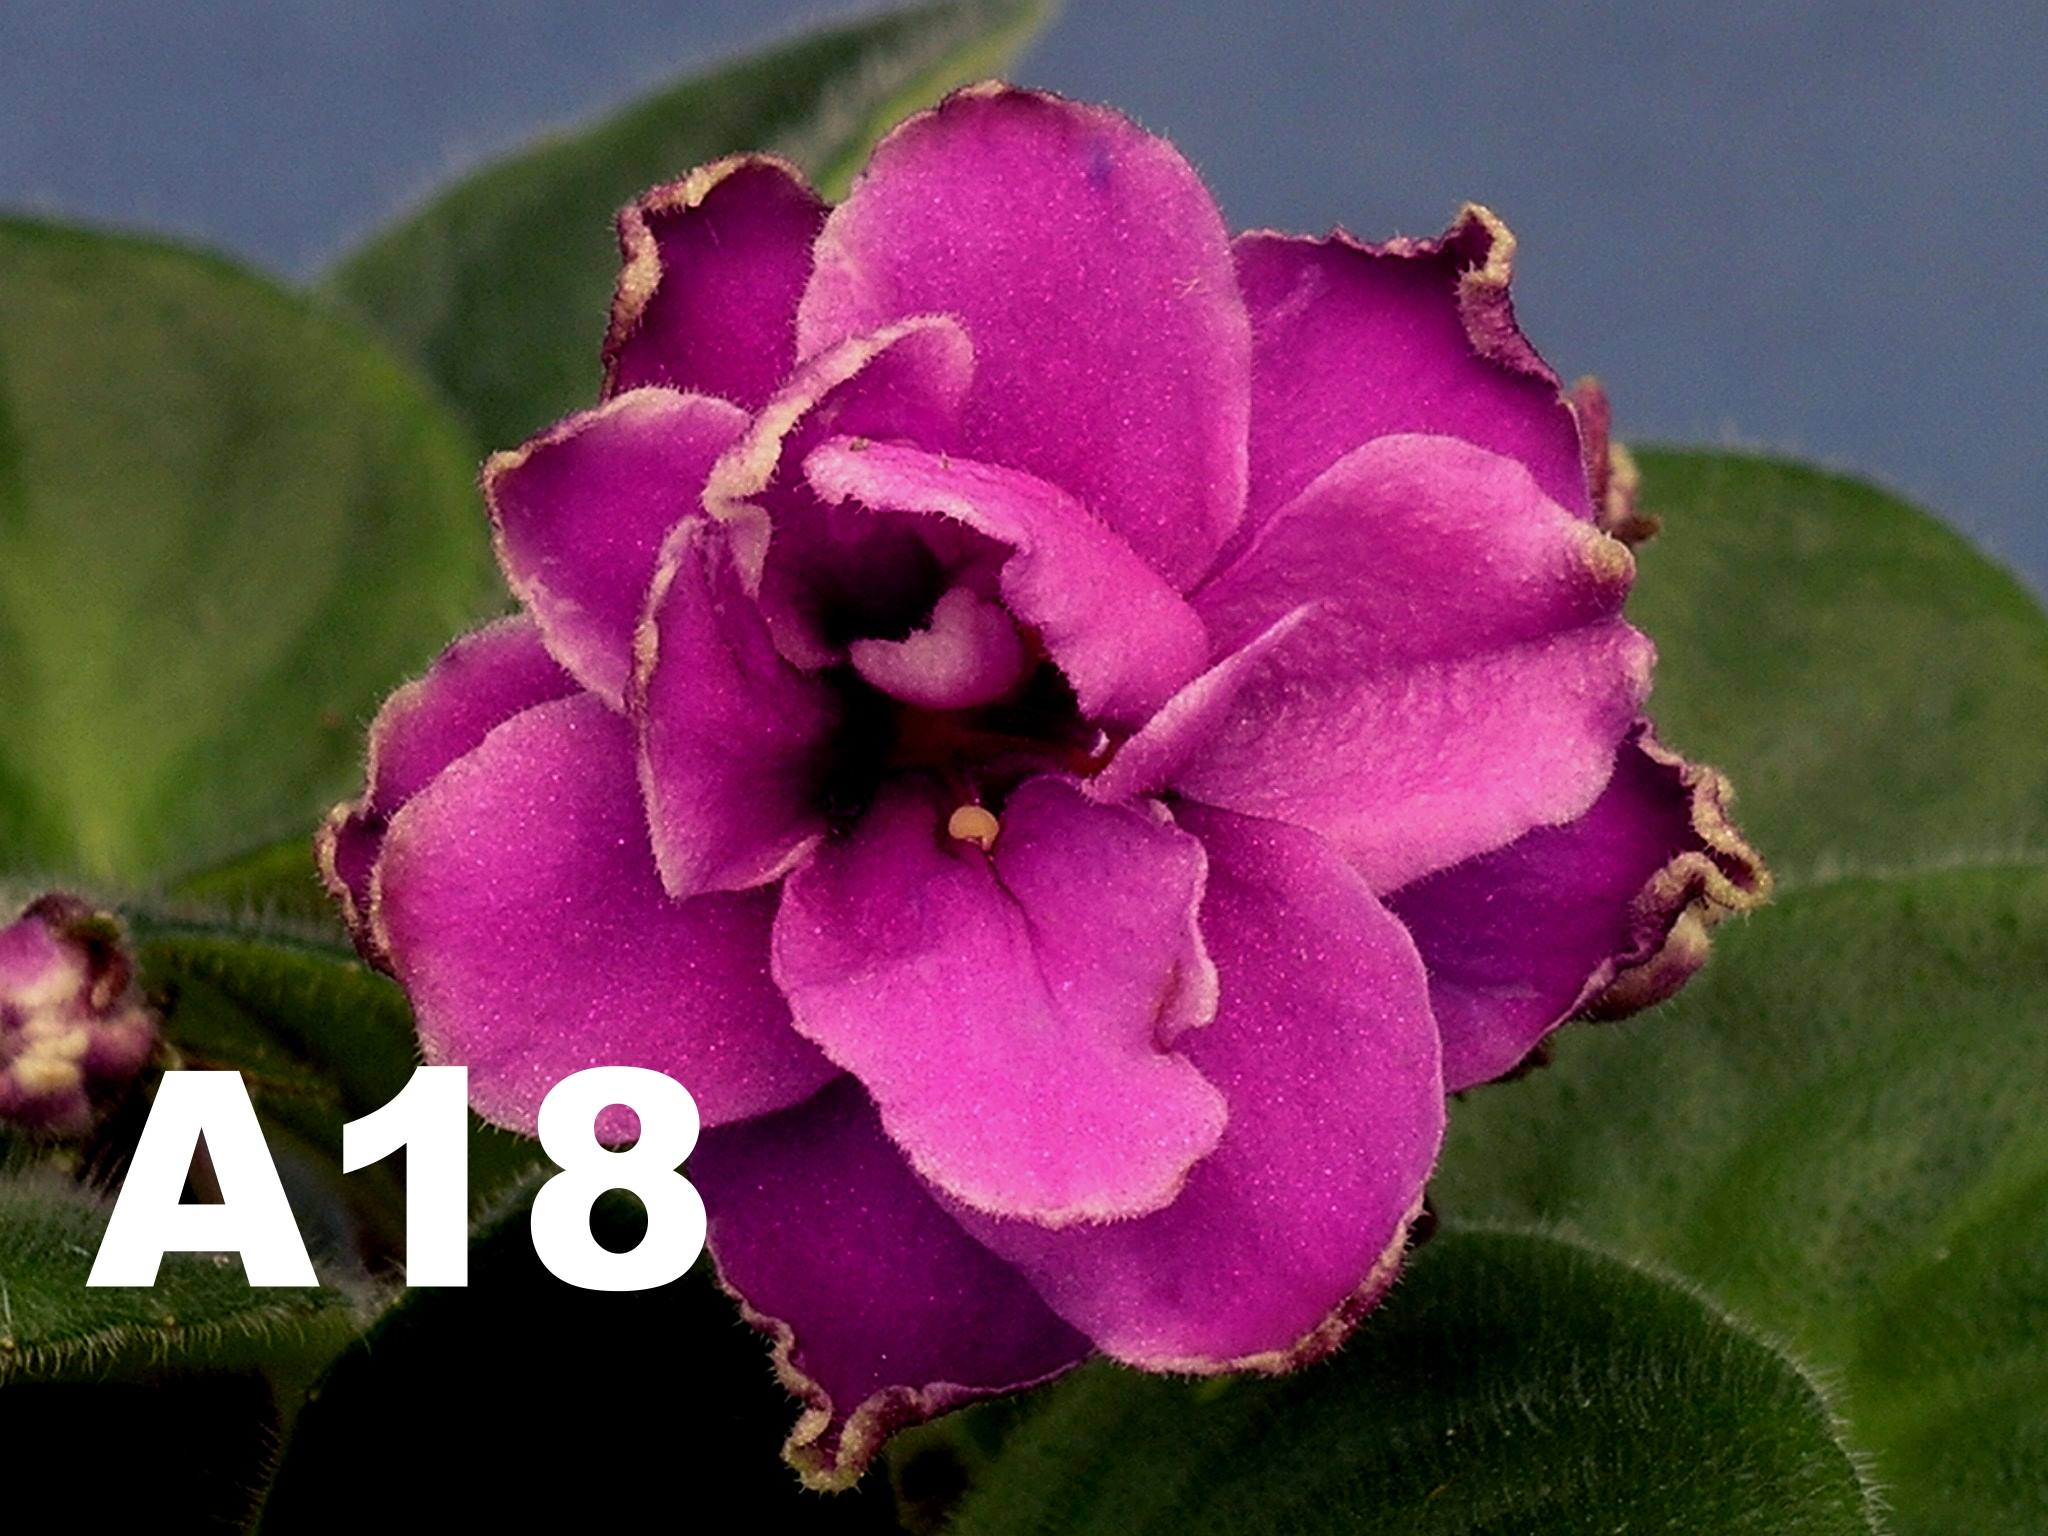 非洲紫羅蘭名錄 | African Violets Catalogue - A系列 A18